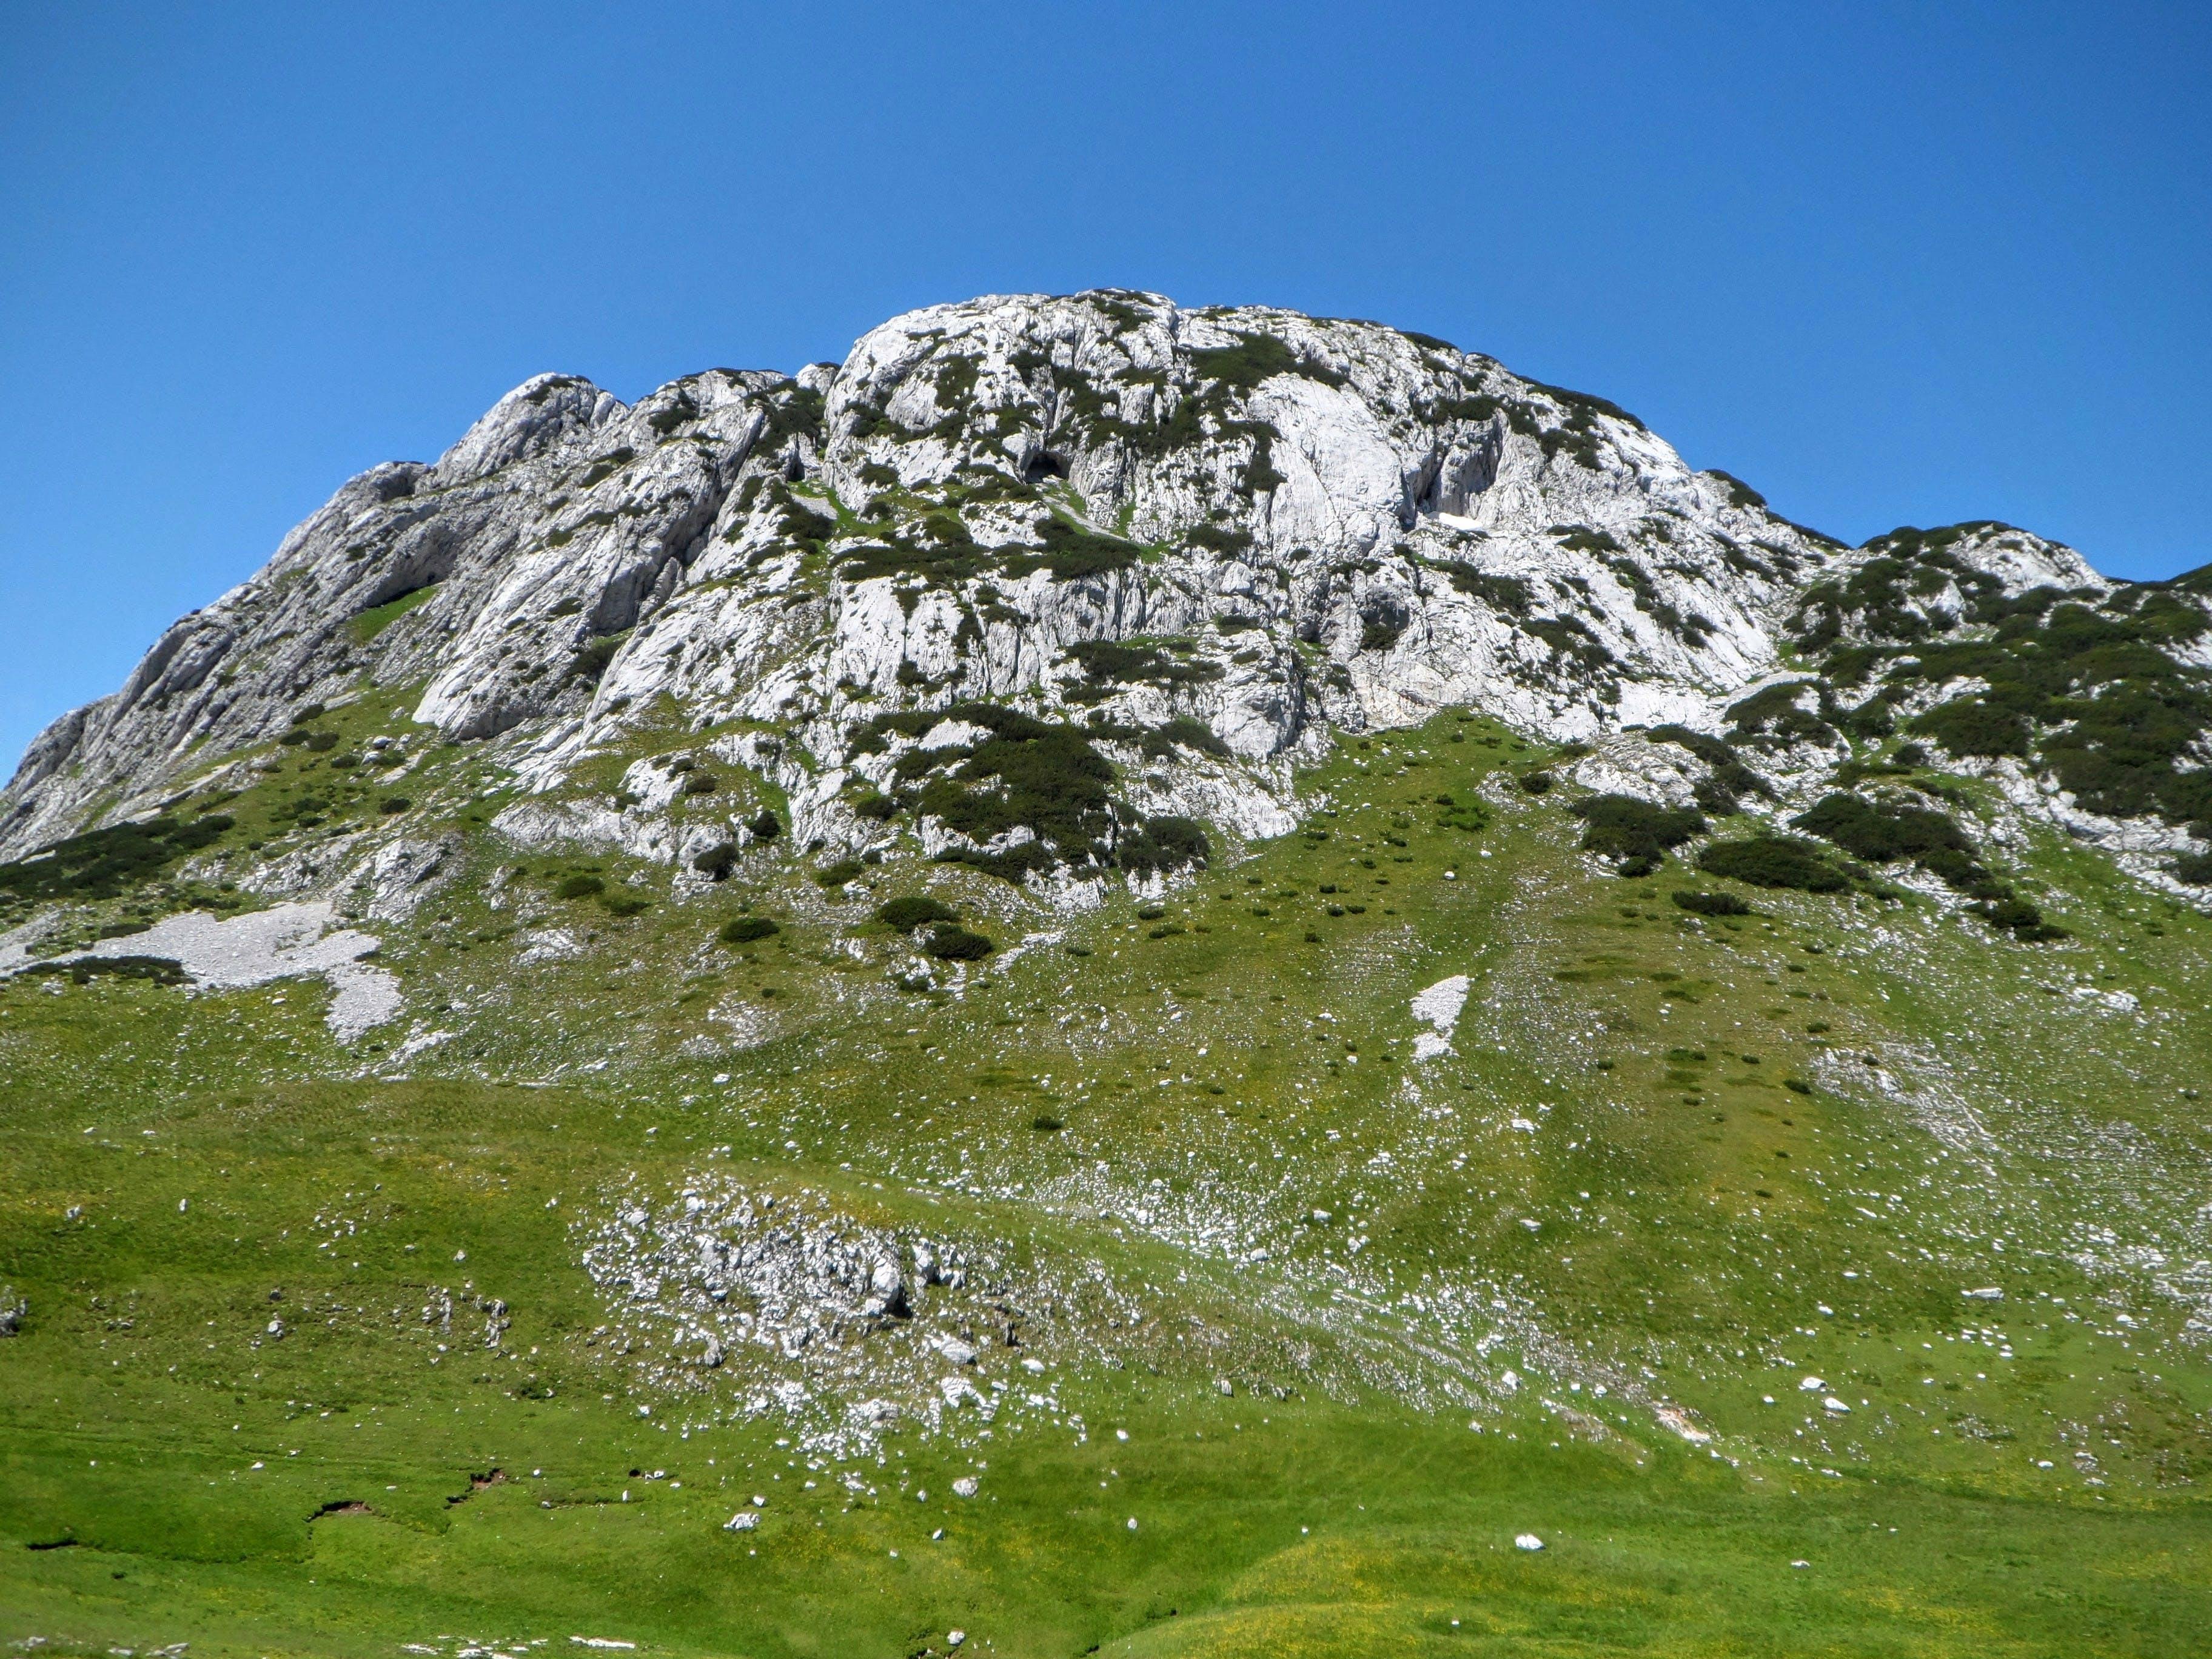 Free stock photo of mountain, peak, white